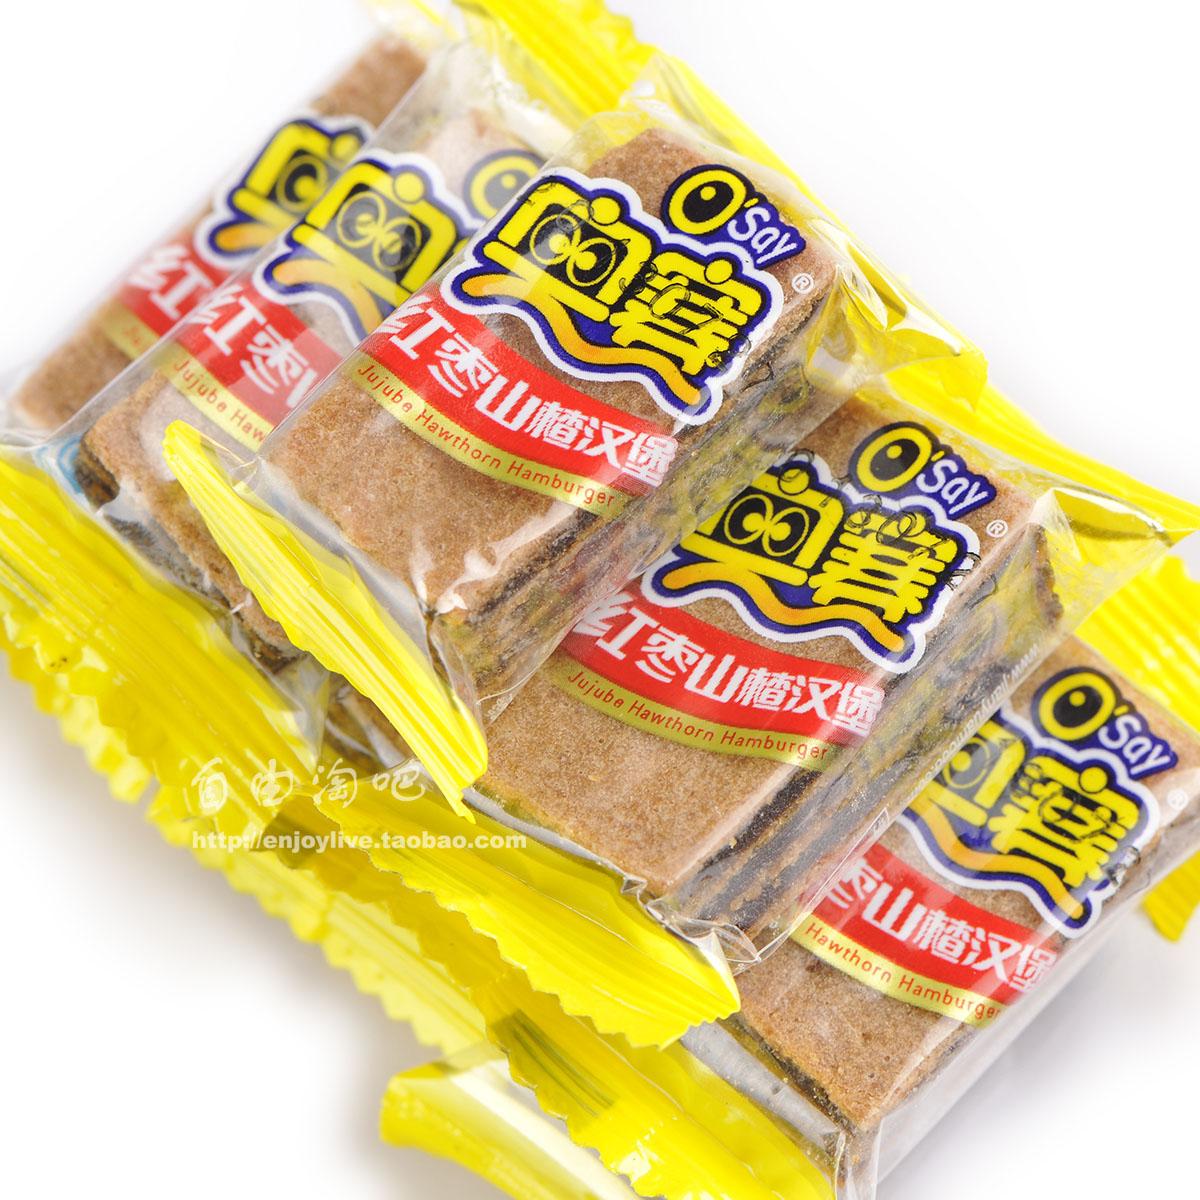 汉堡小包奥赛山楂红枣山东散装5斤v小包布丁夹心糕片特产酪山楂